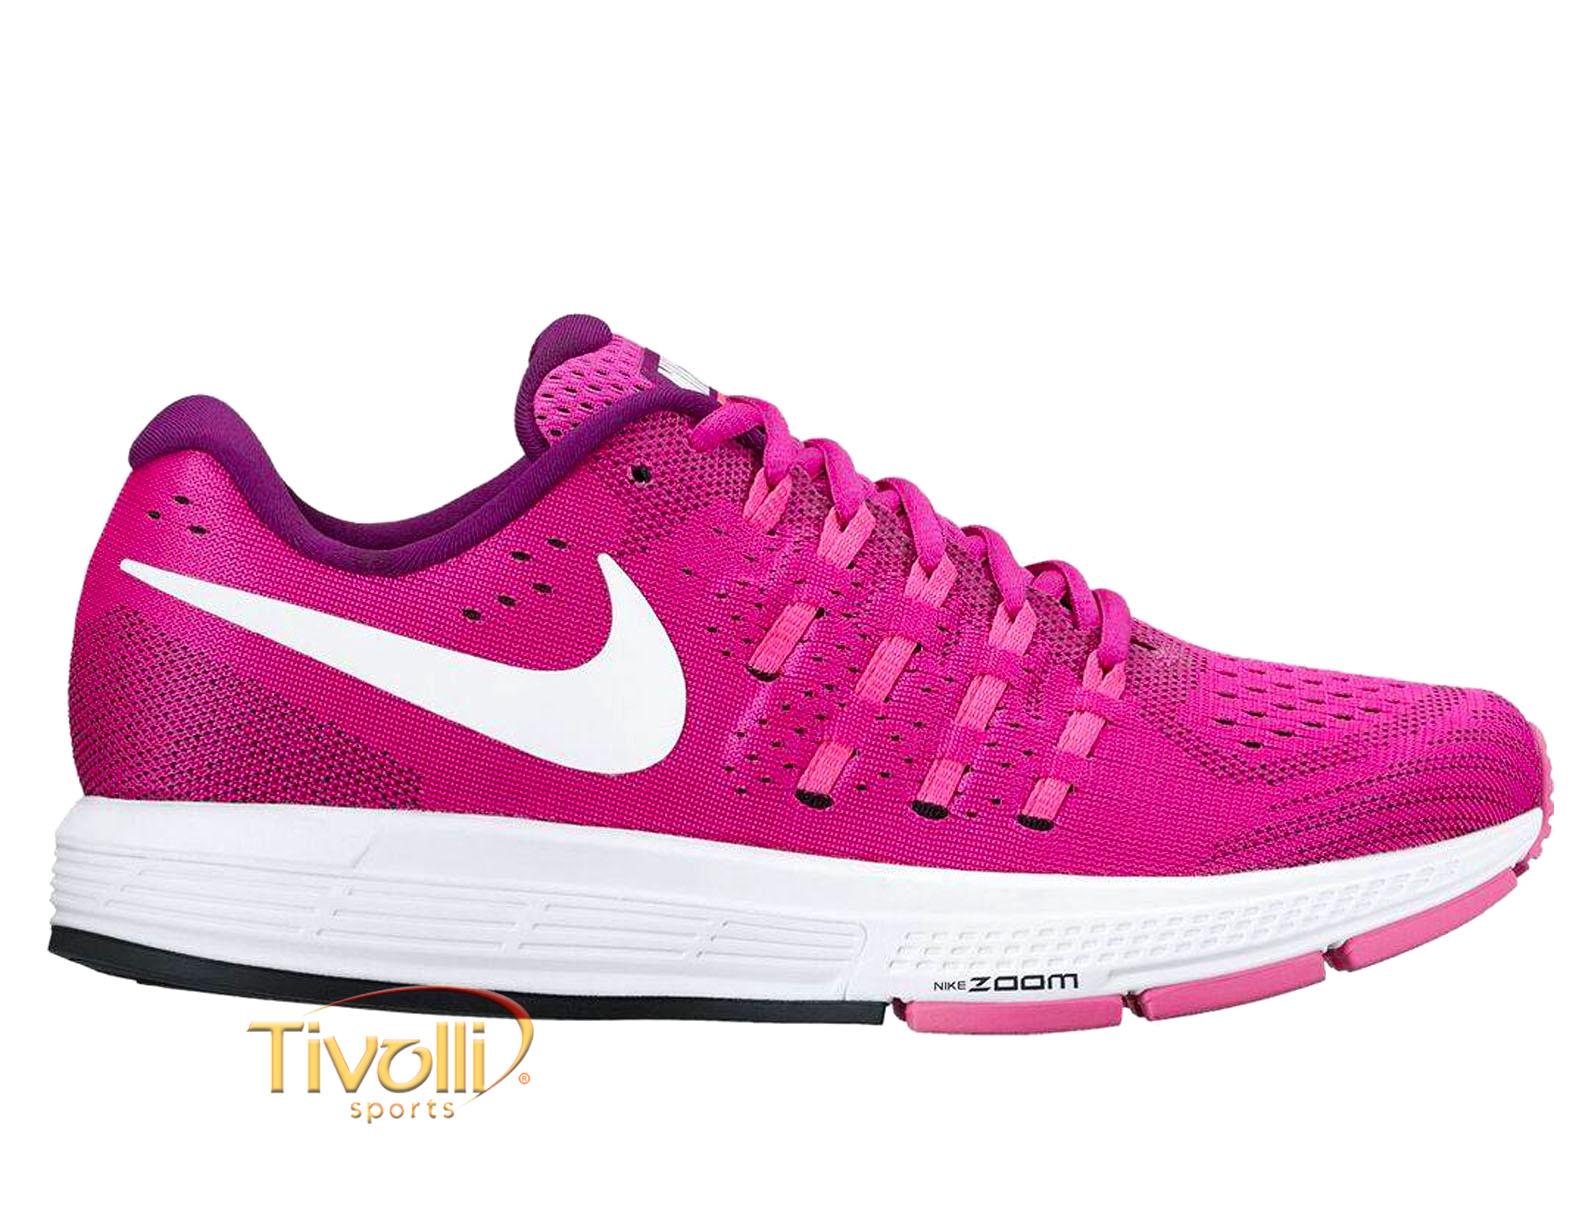 bfa5bf074251c Raquete Mania   Tênis Nike Air Zoom Vomero 11   Rosa Roxo